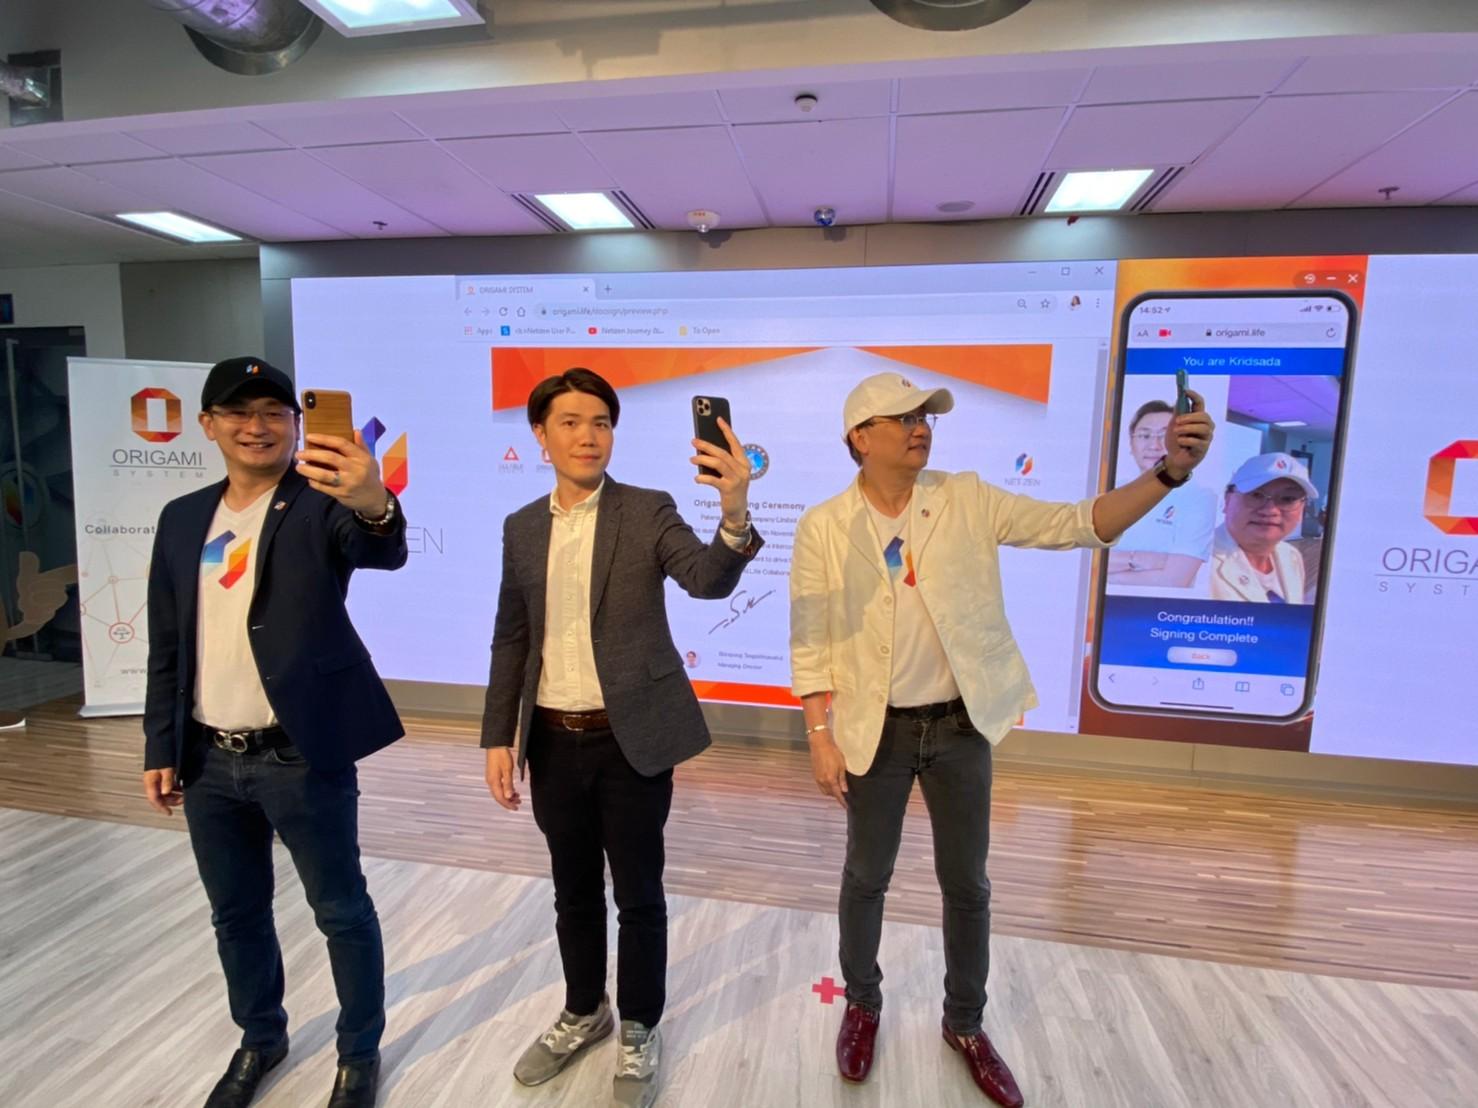 ทีมผู้บริหารจาก เนทติเซนท์ จำกัด และพัฒนา อินเตอร์คูล ร่วมลงนามวางระบบ Origami.Life Collaboration Platform ด้วยเทคโนโลยี Face Recognition